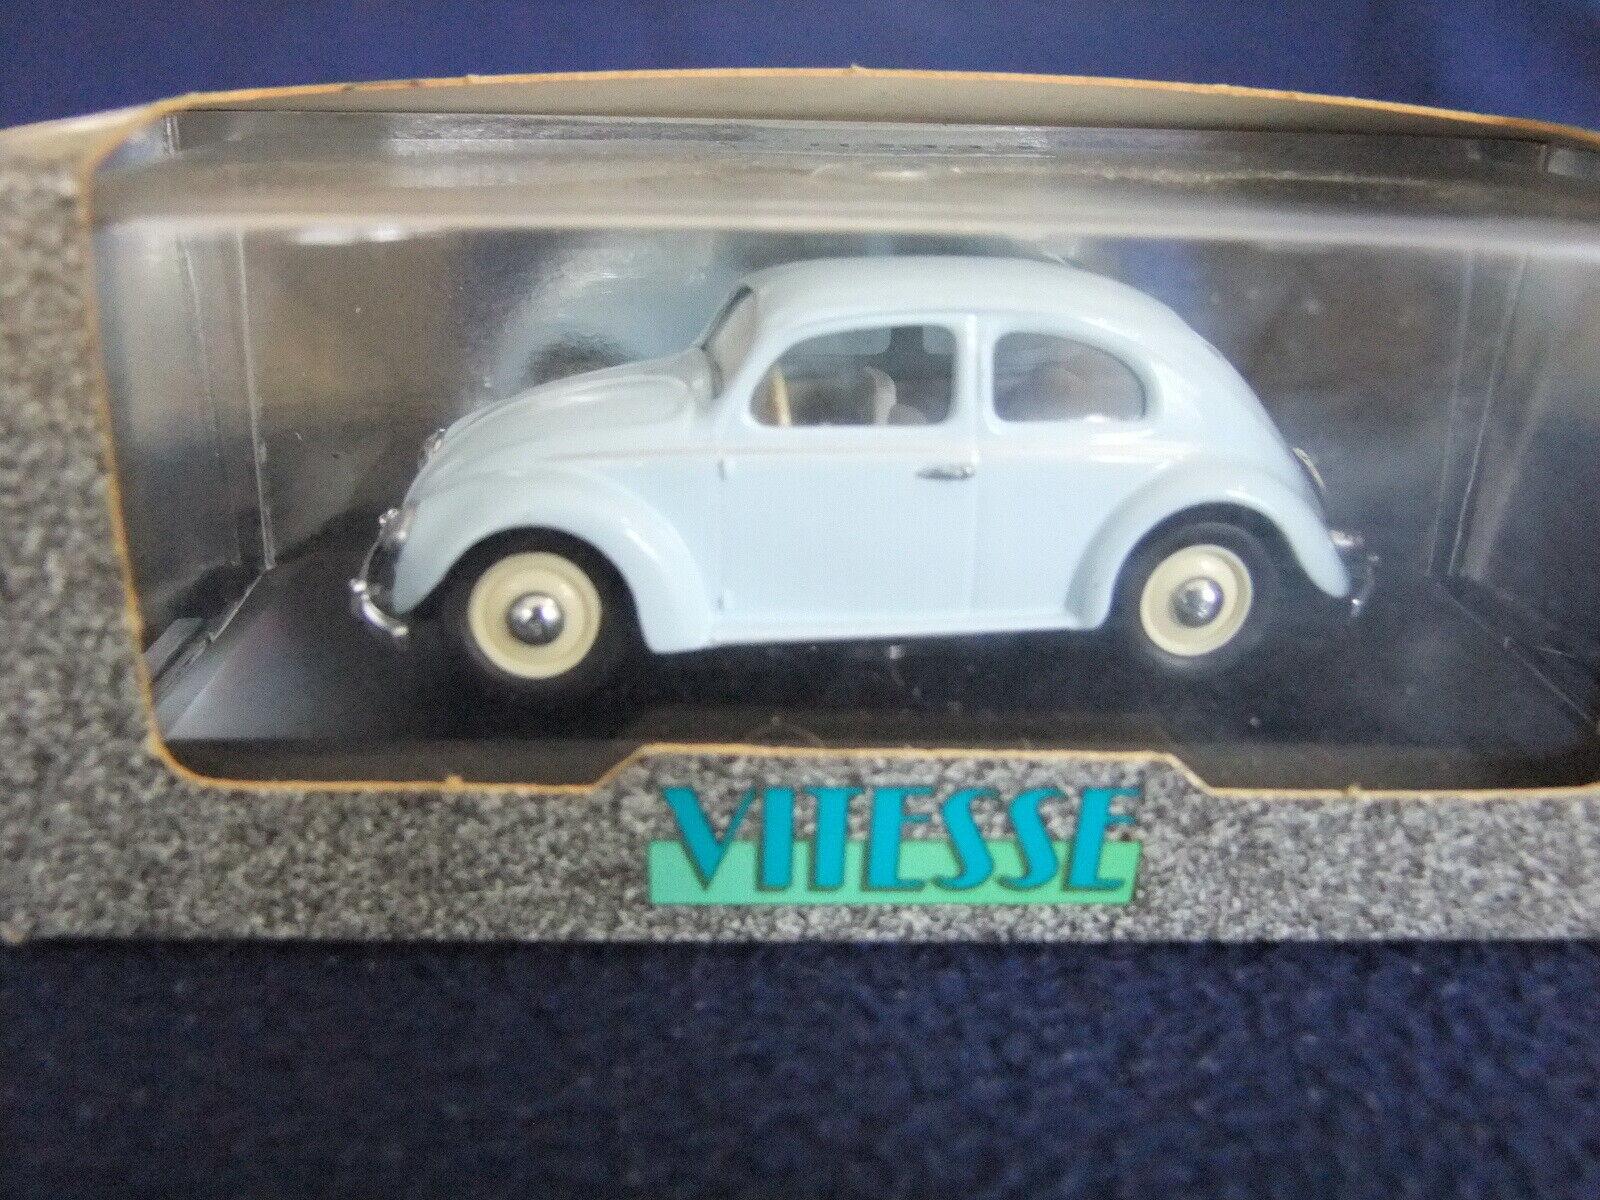 1949 Volkswagen Beetle Saloon Vitesse 1 43 Scale - Pale Blau BOXED